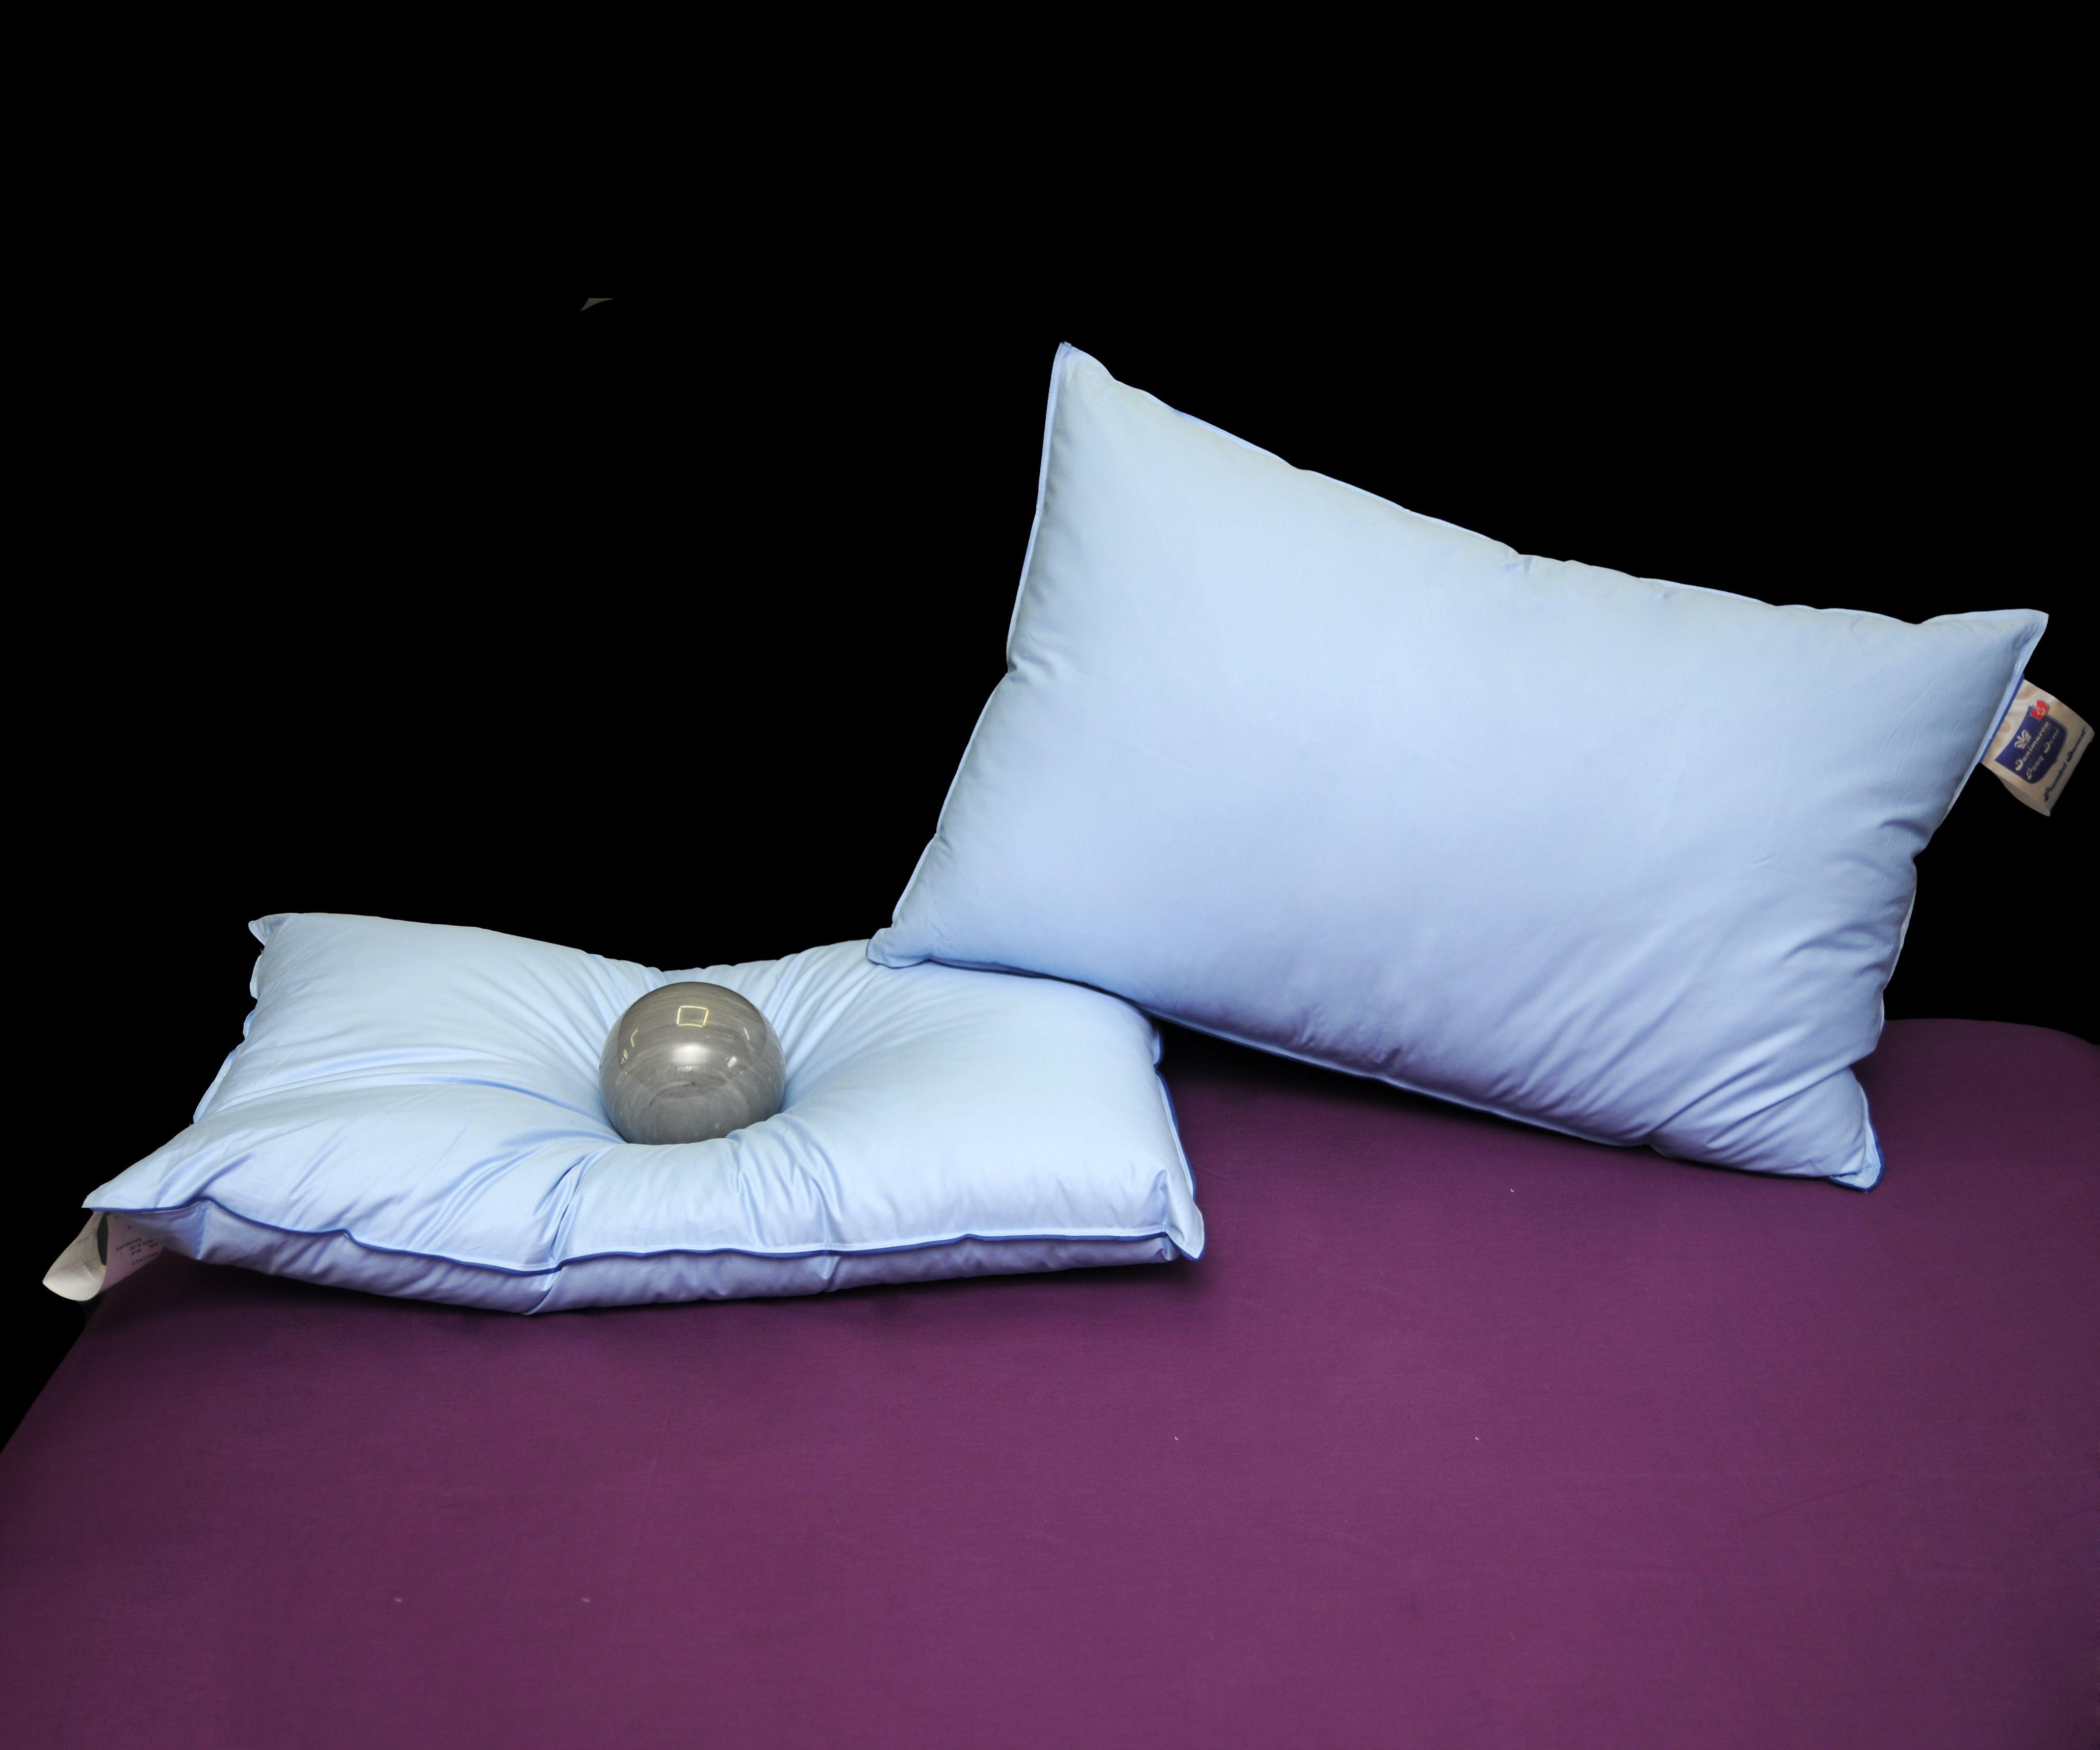 Dormire Con Cuscino Sotto Gambe.Particolarmente Indicato Per Chi Dorme Con 2 Cuscini Il Cuscino